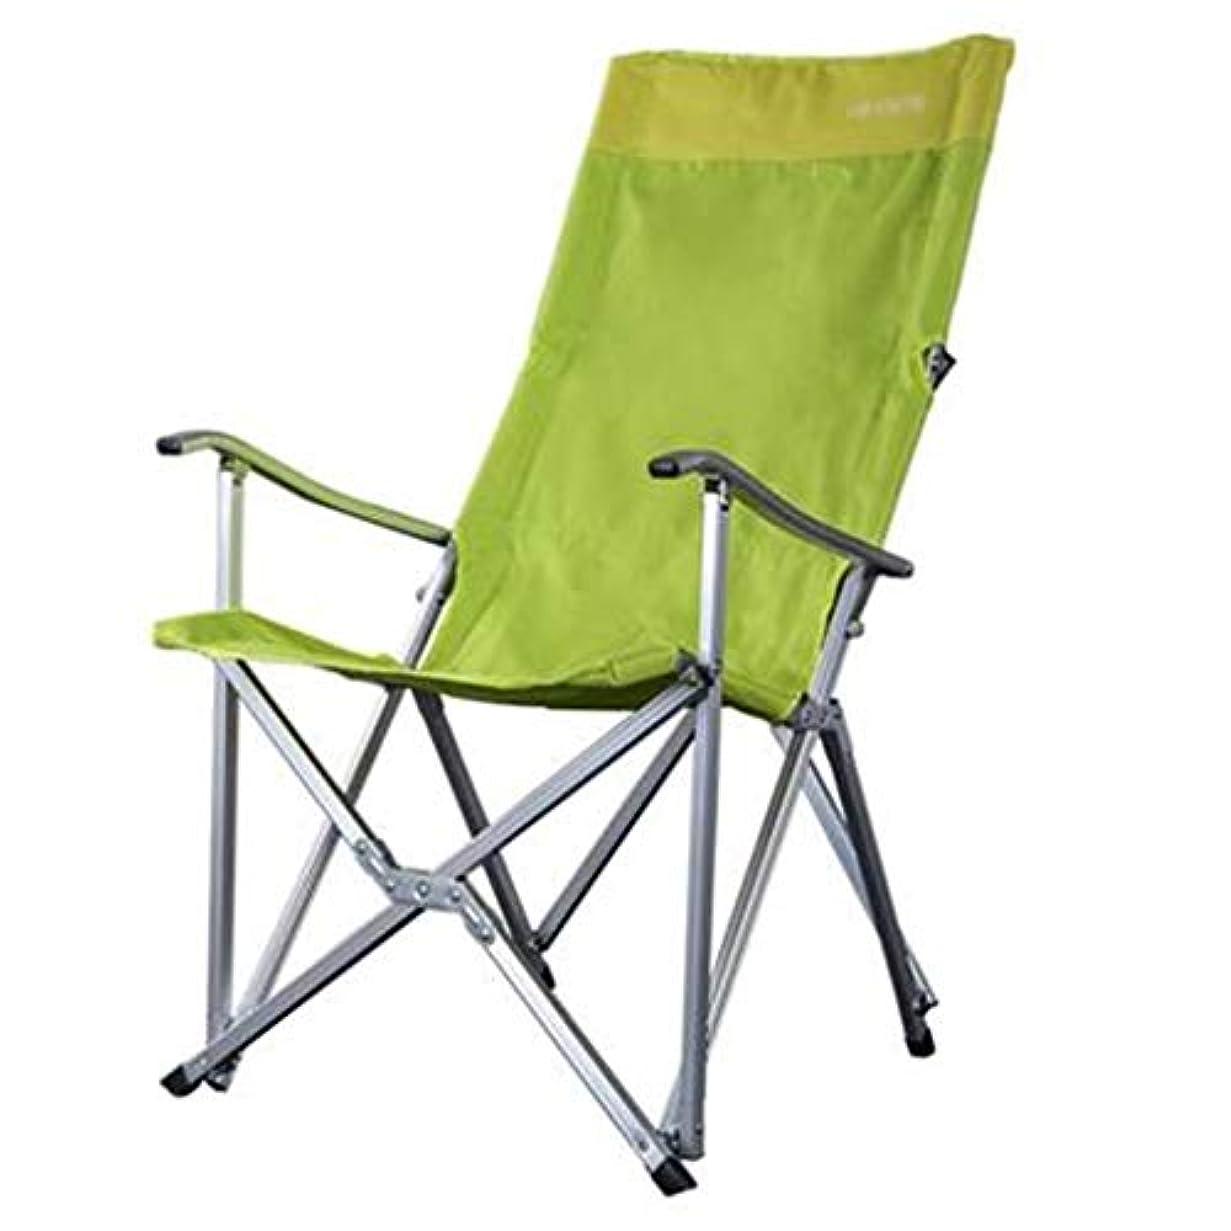 ストロー勇気のある提案折りたたみチェア 単一の屋外のオフィスの釣りアルミニウムあと振れ止めビーチ携帯用椅子リクライニング折りたたみ椅子 折りたたみチェア 超軽量